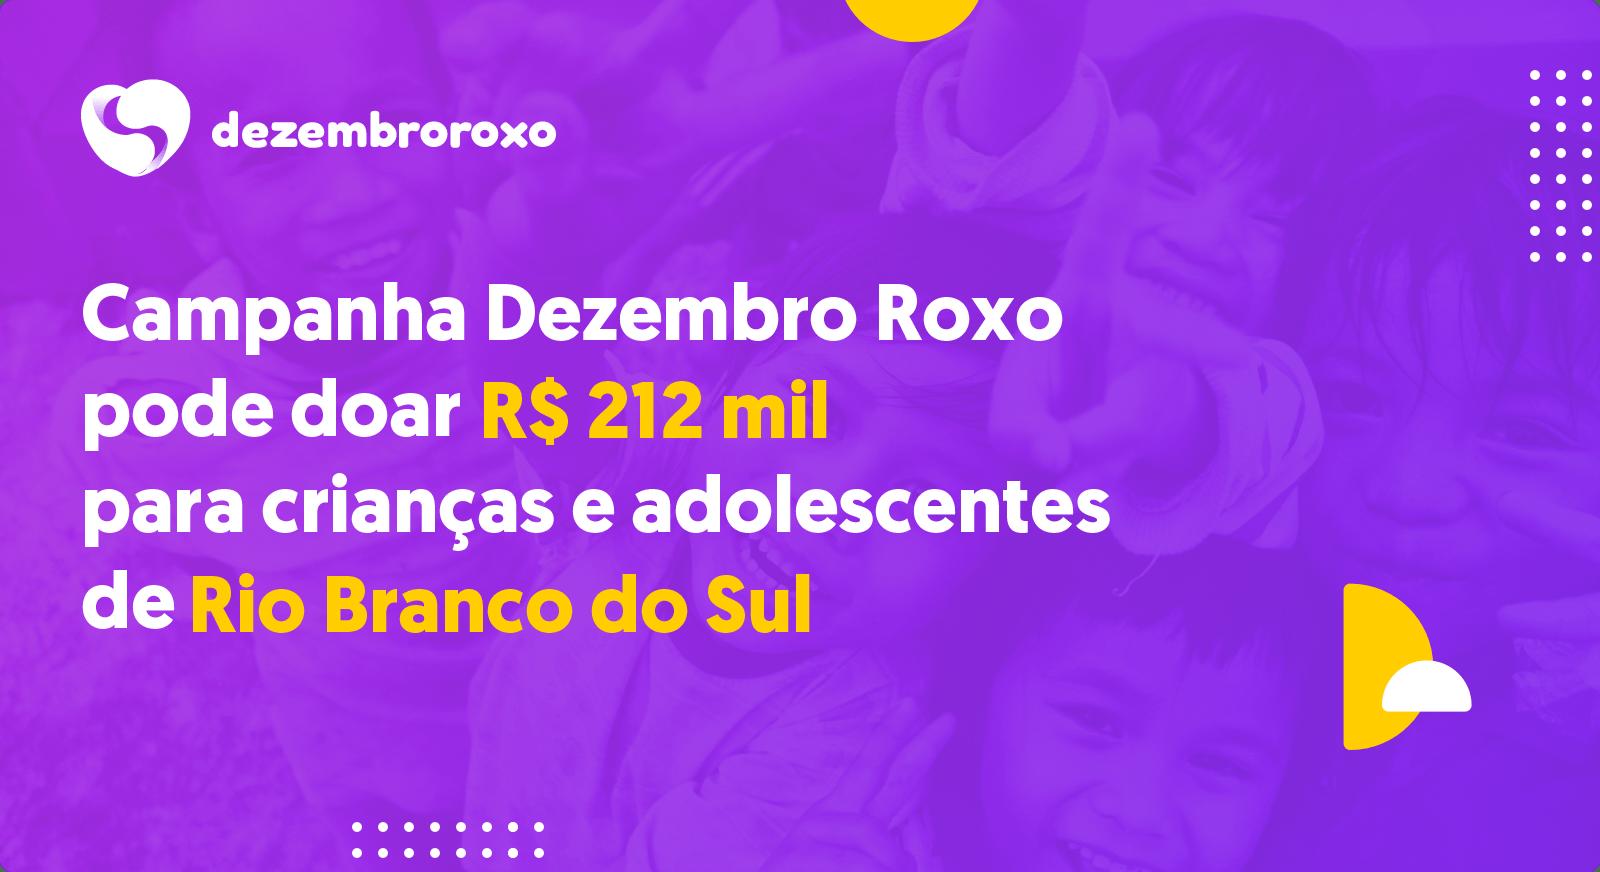 Doações em Rio Branco do Sul - PR